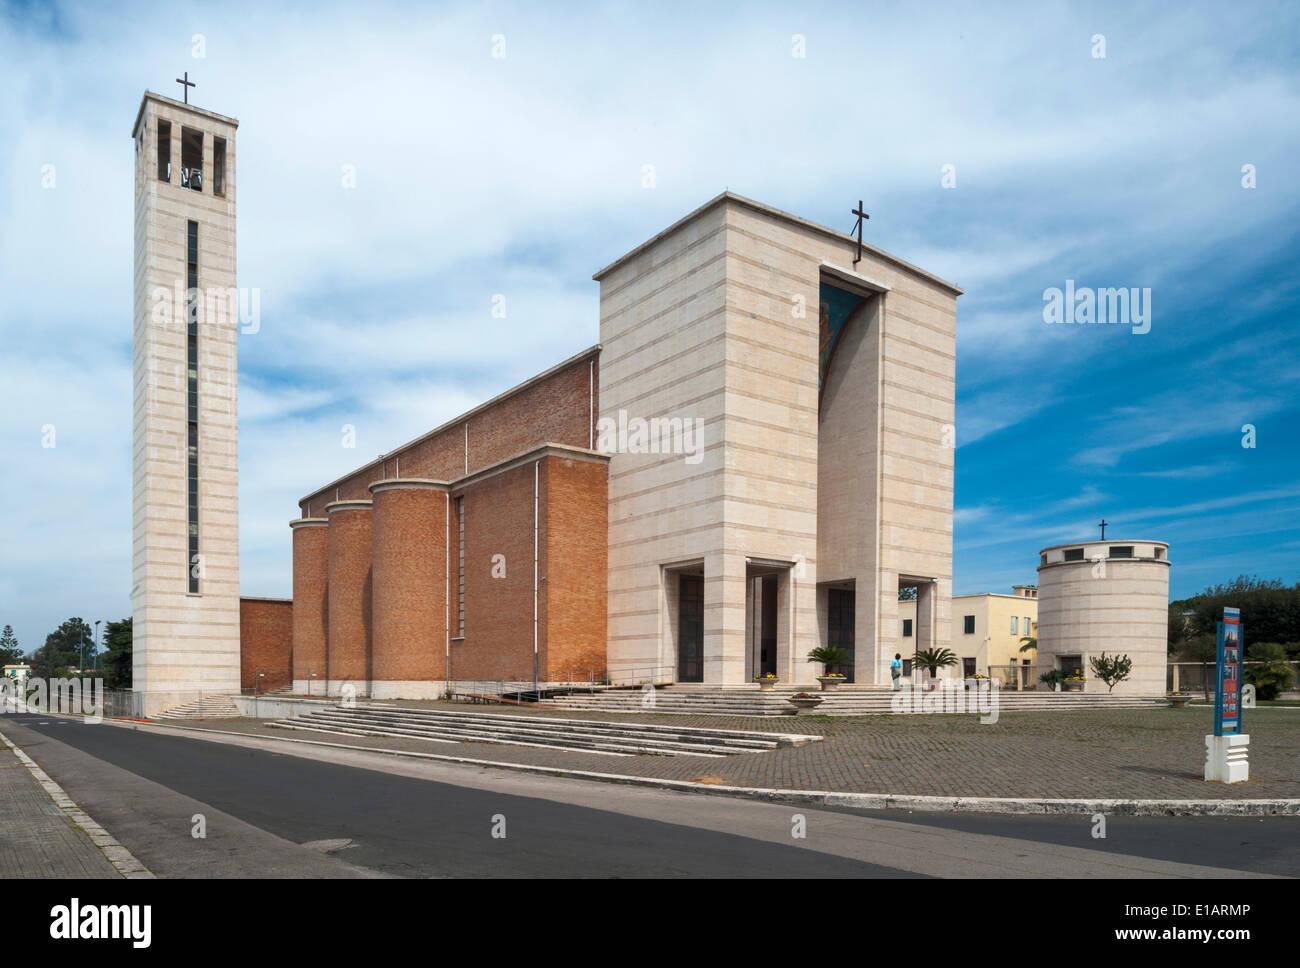 Chiesa con una torre, 1935, architettura monumentale, Sabaudia, Lazio, Italia Immagini Stock